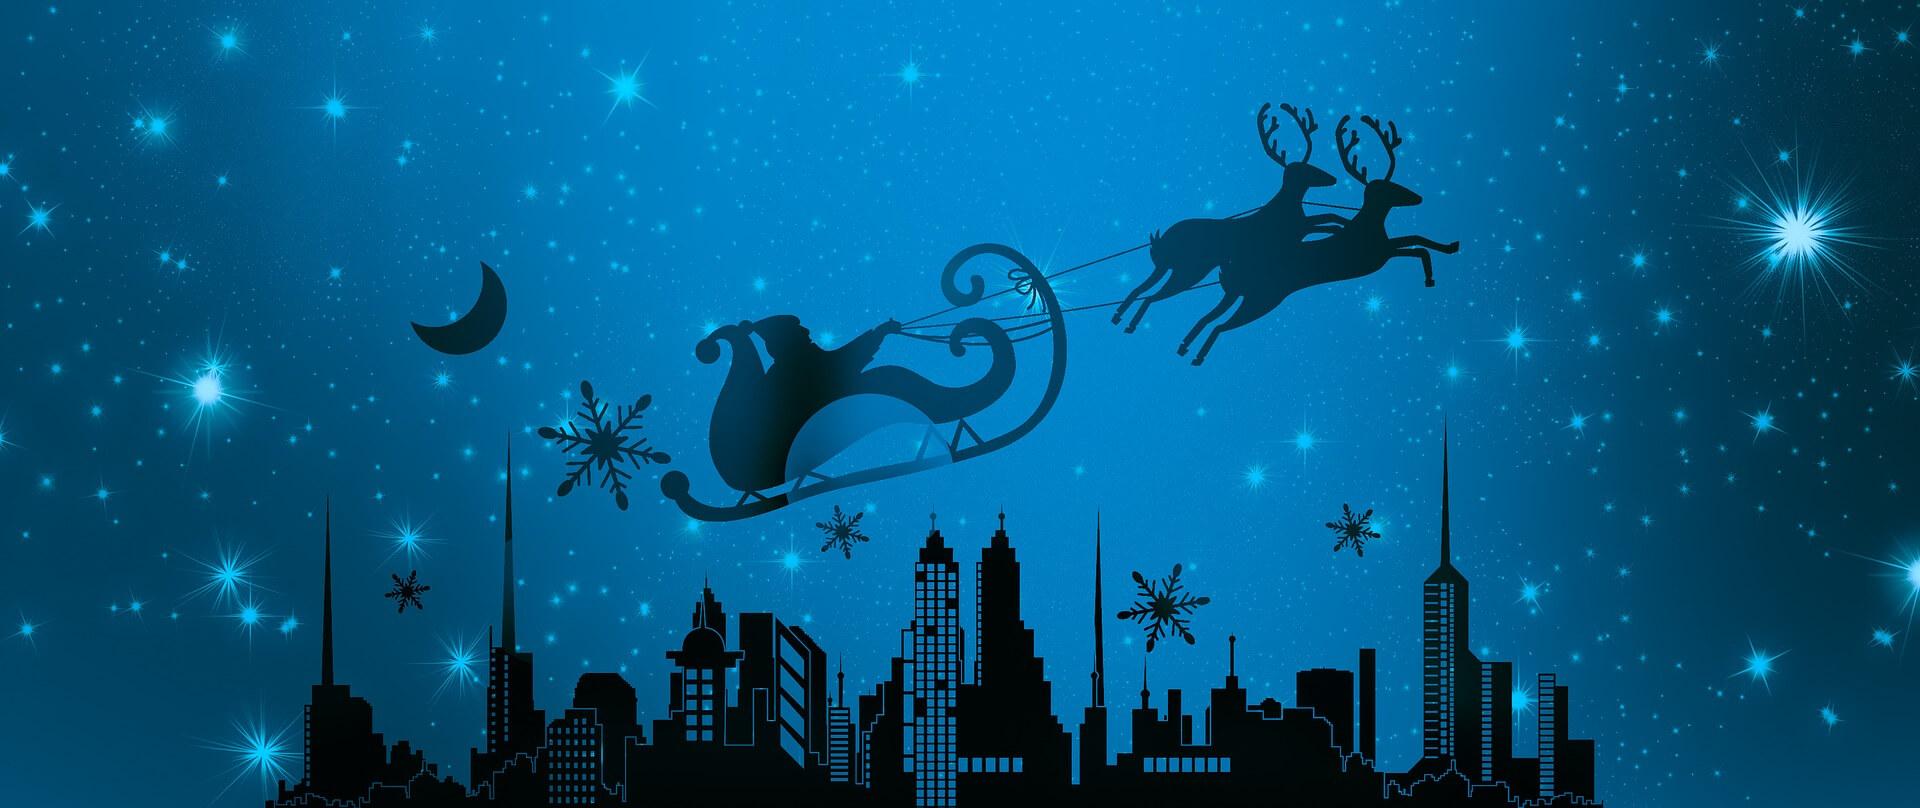 Weihnachten-Banner